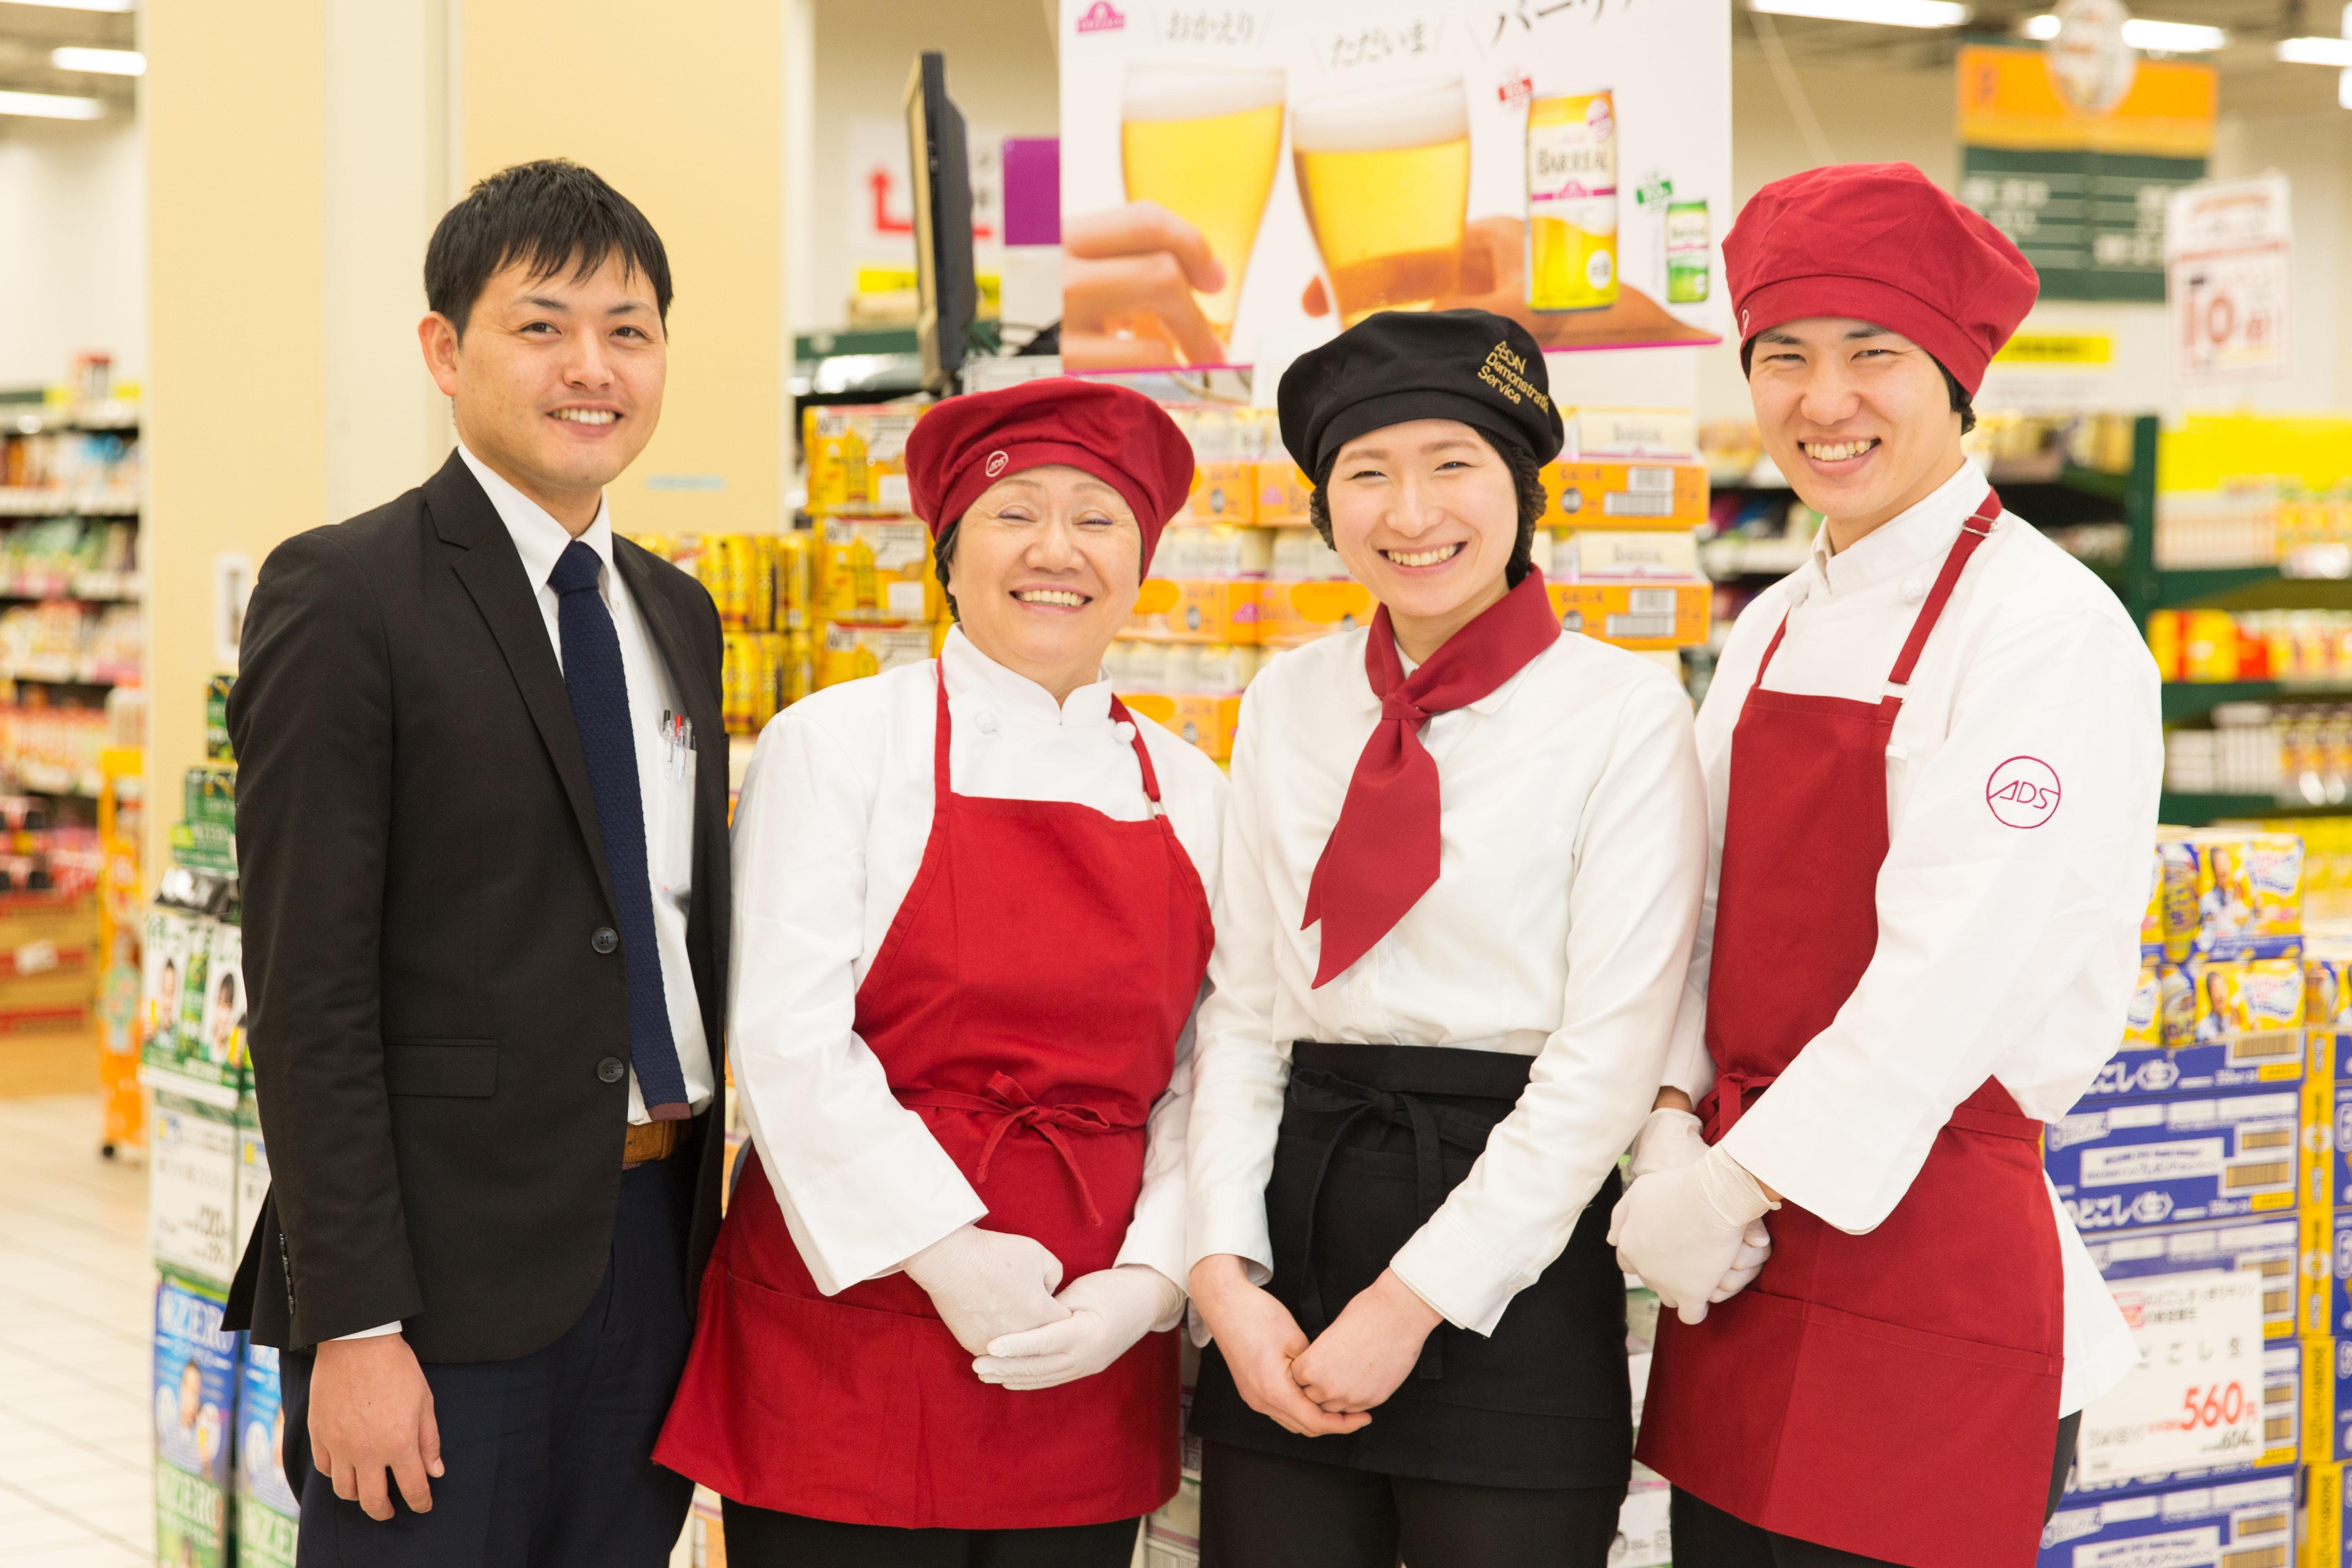 イオン 板橋店 のアルバイト情報